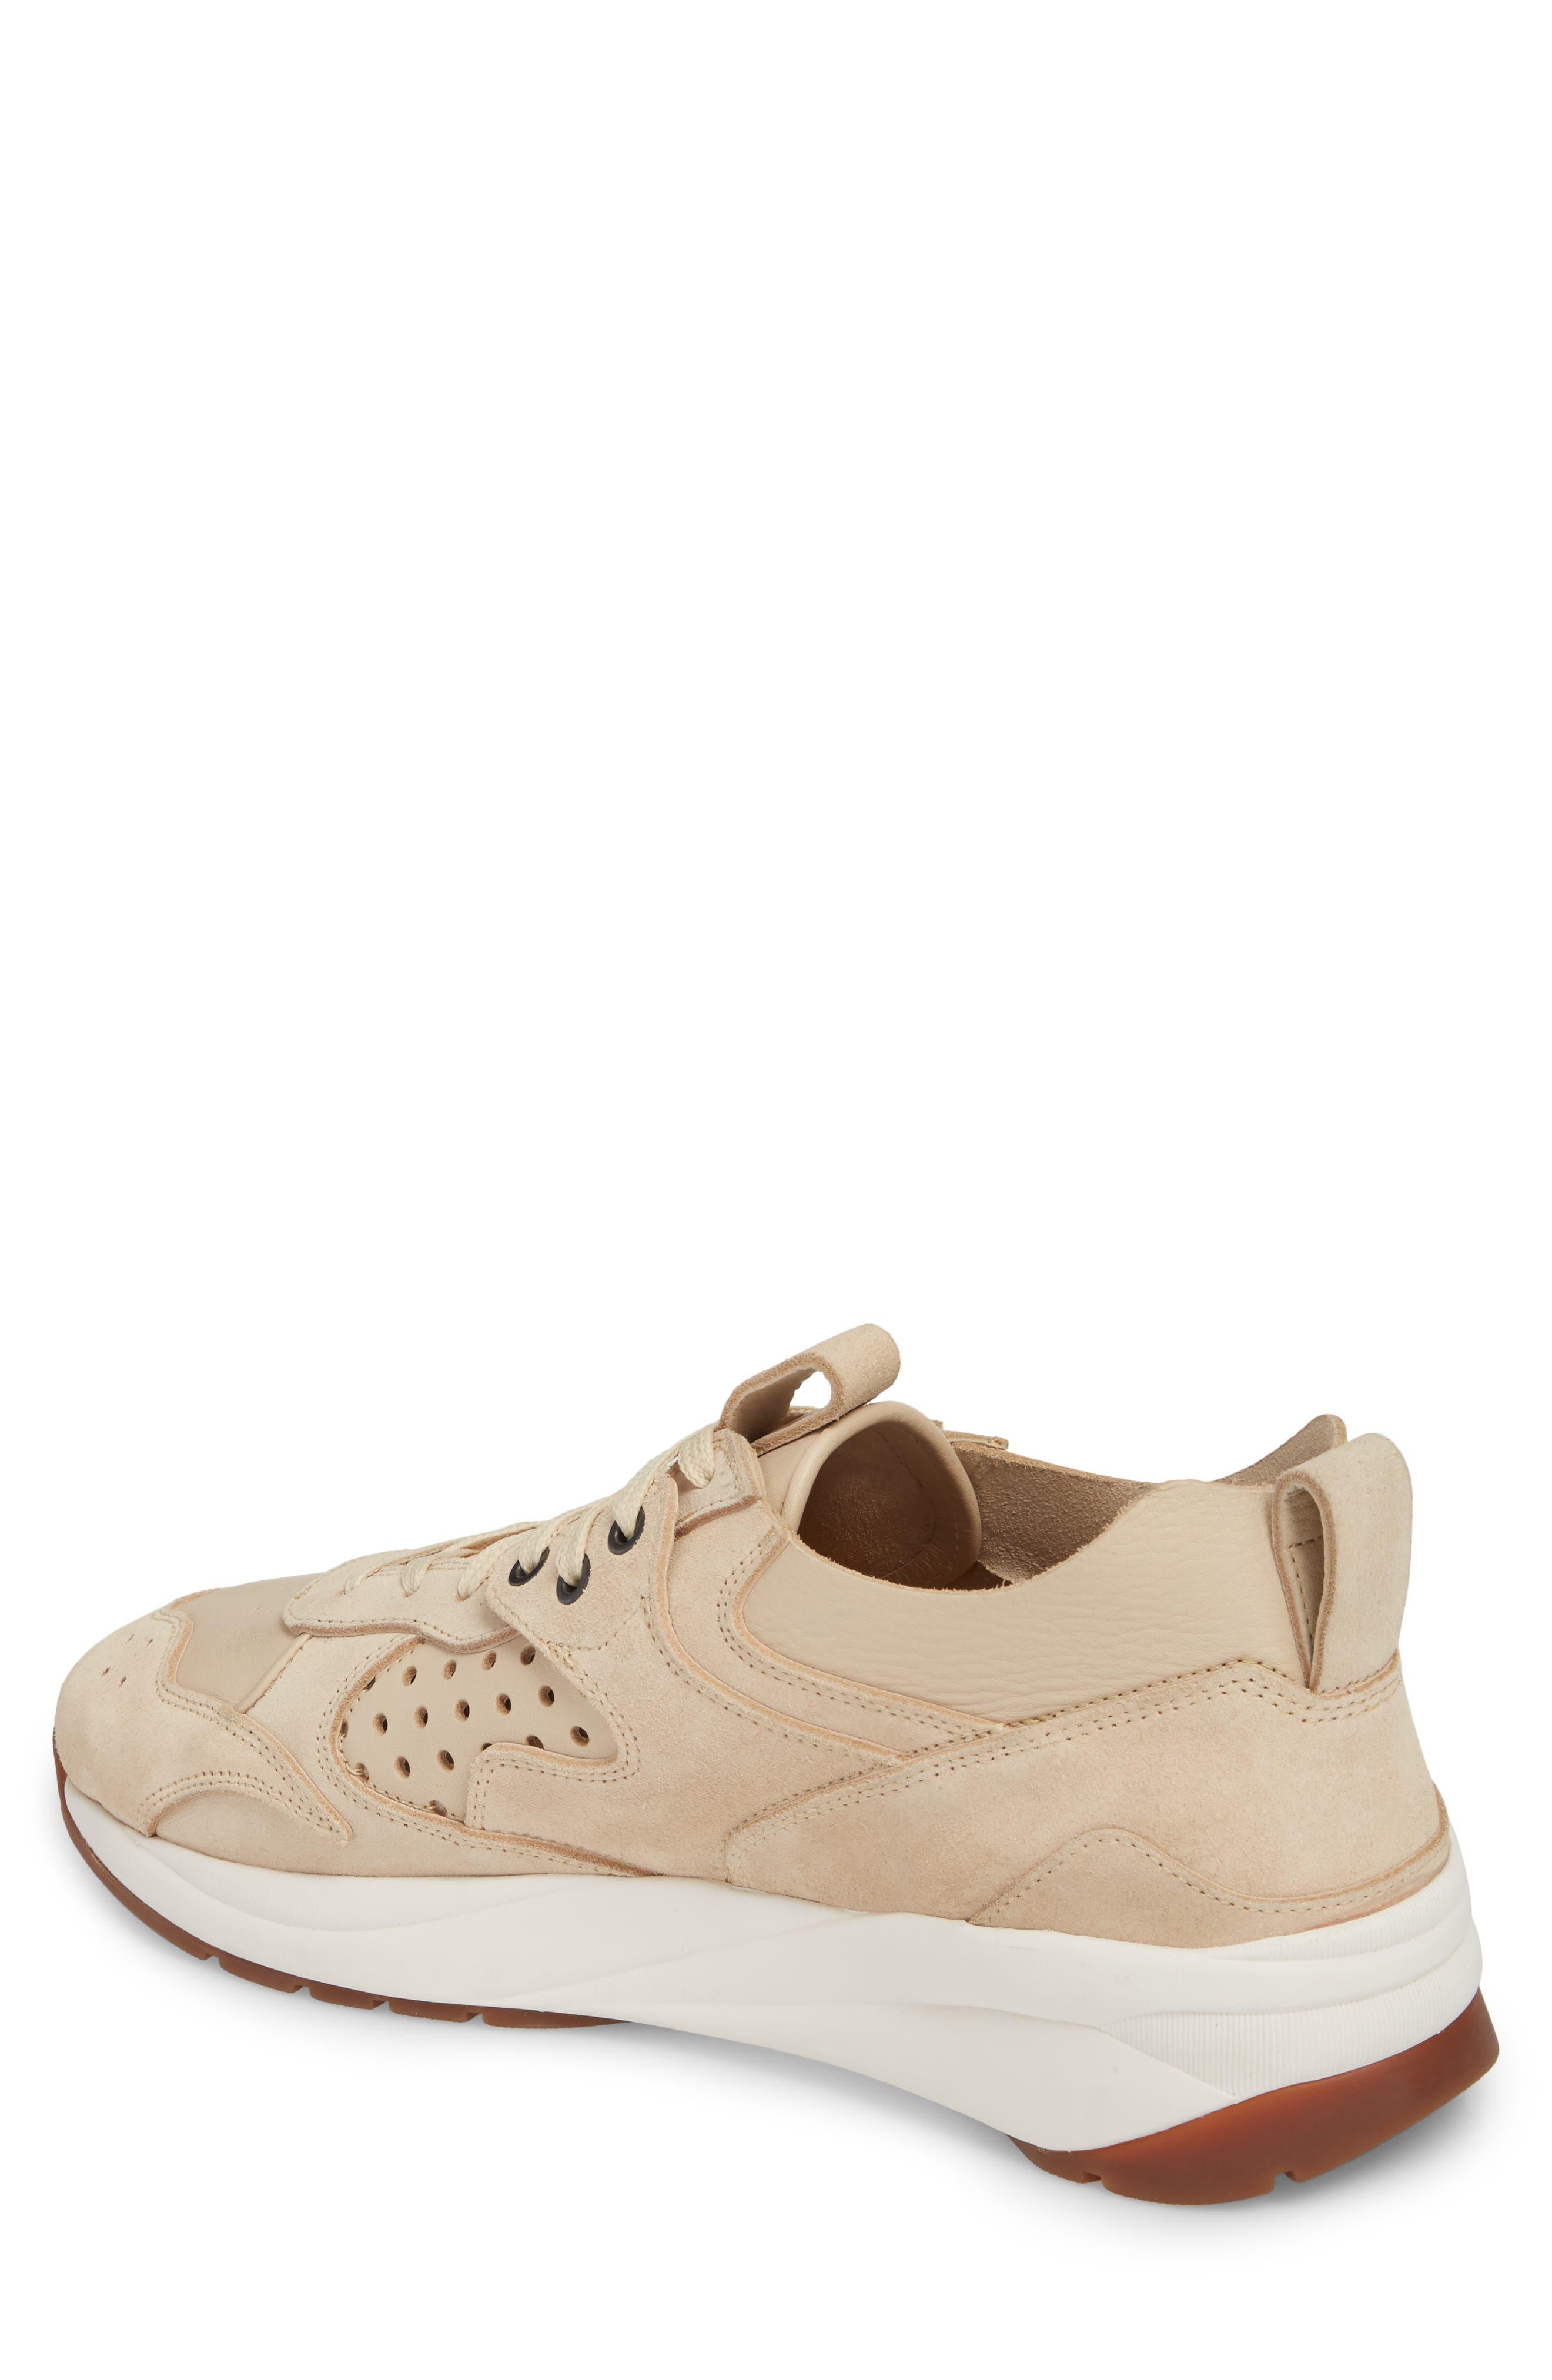 Champion Veloce Sneaker,                             Alternate thumbnail 2, color,